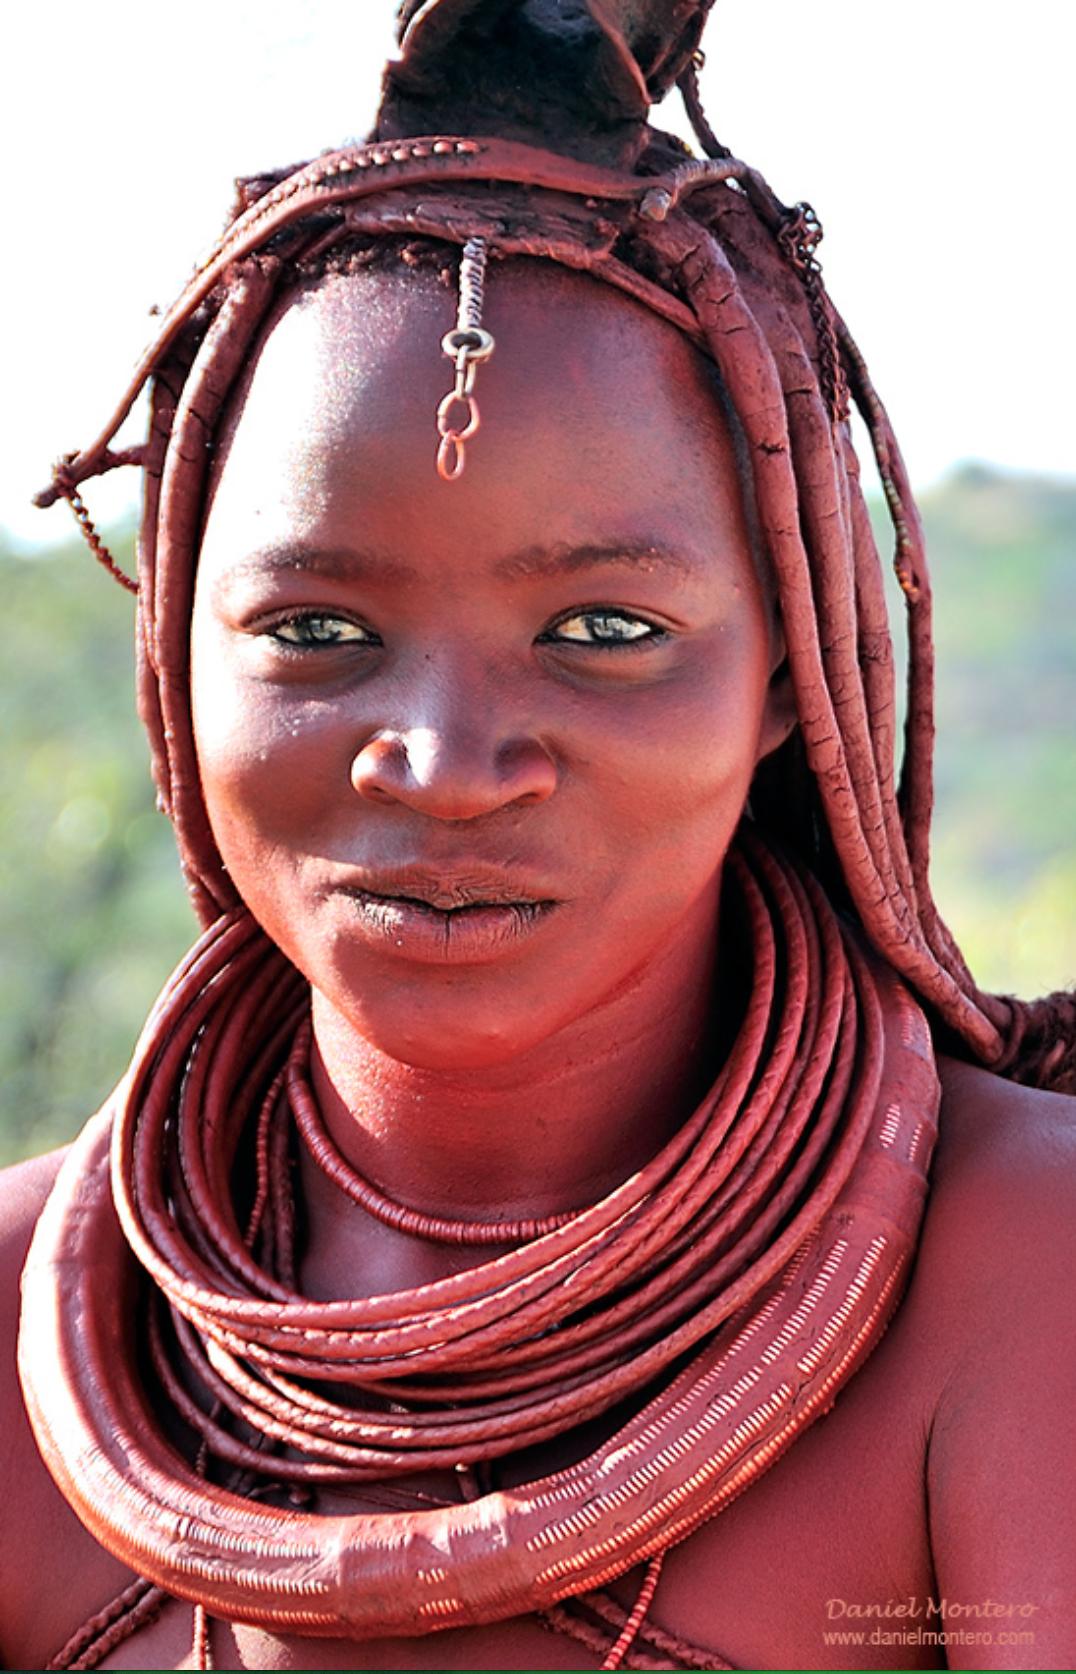 Himba, Namibia - Historias nunca contadas - Daniel Montero , Fotografía